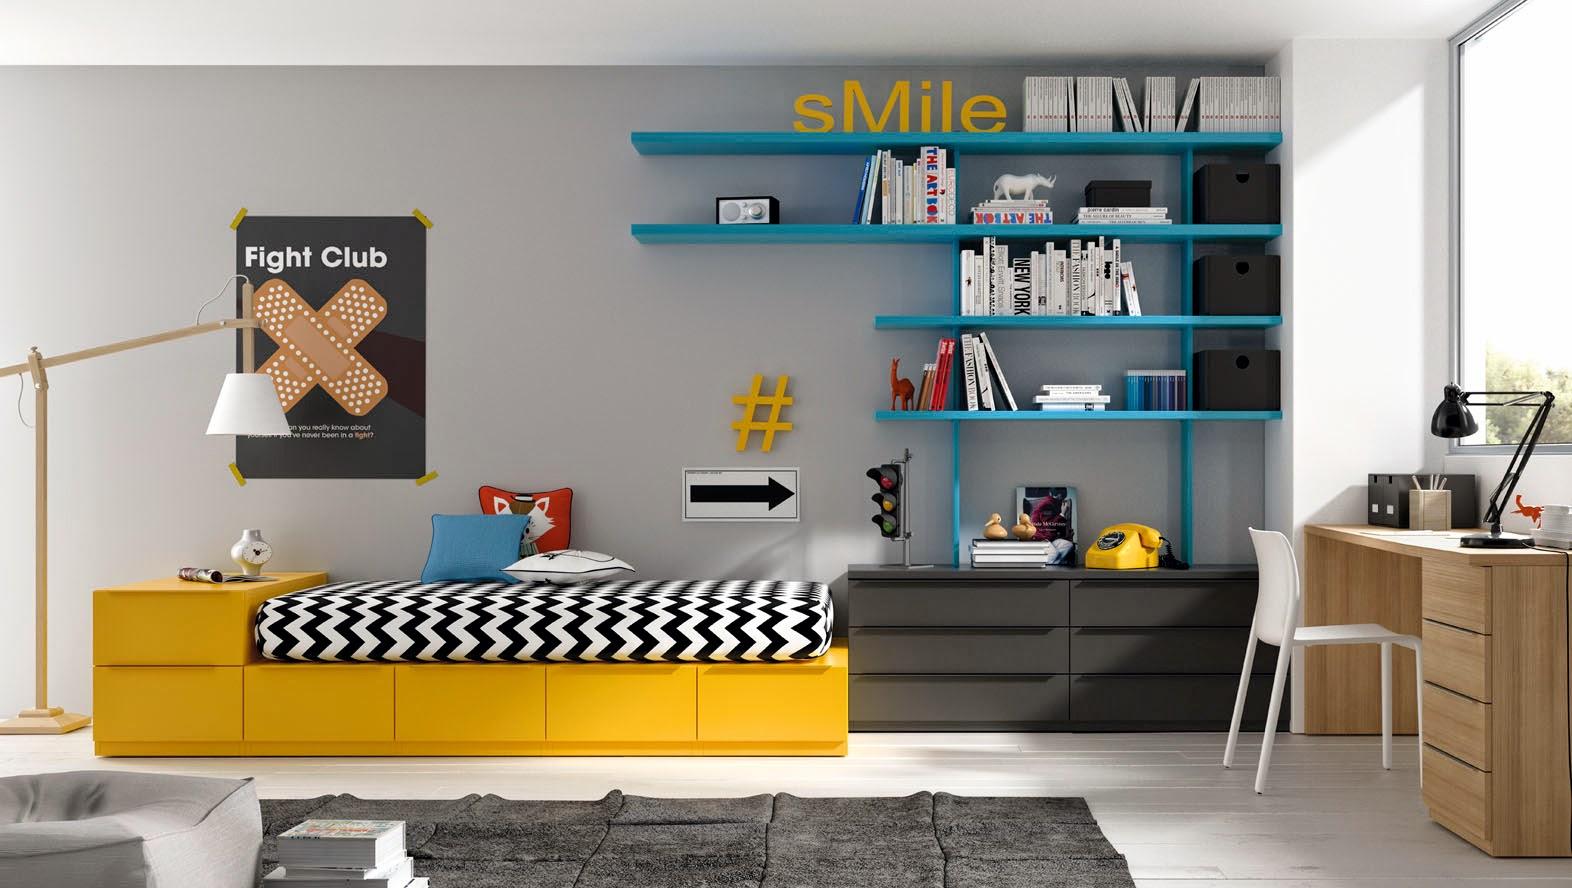 Decoracion Dormitorio Juvenil Chico Simple Decoracion Dormitorio  # Muebles Todo Joven